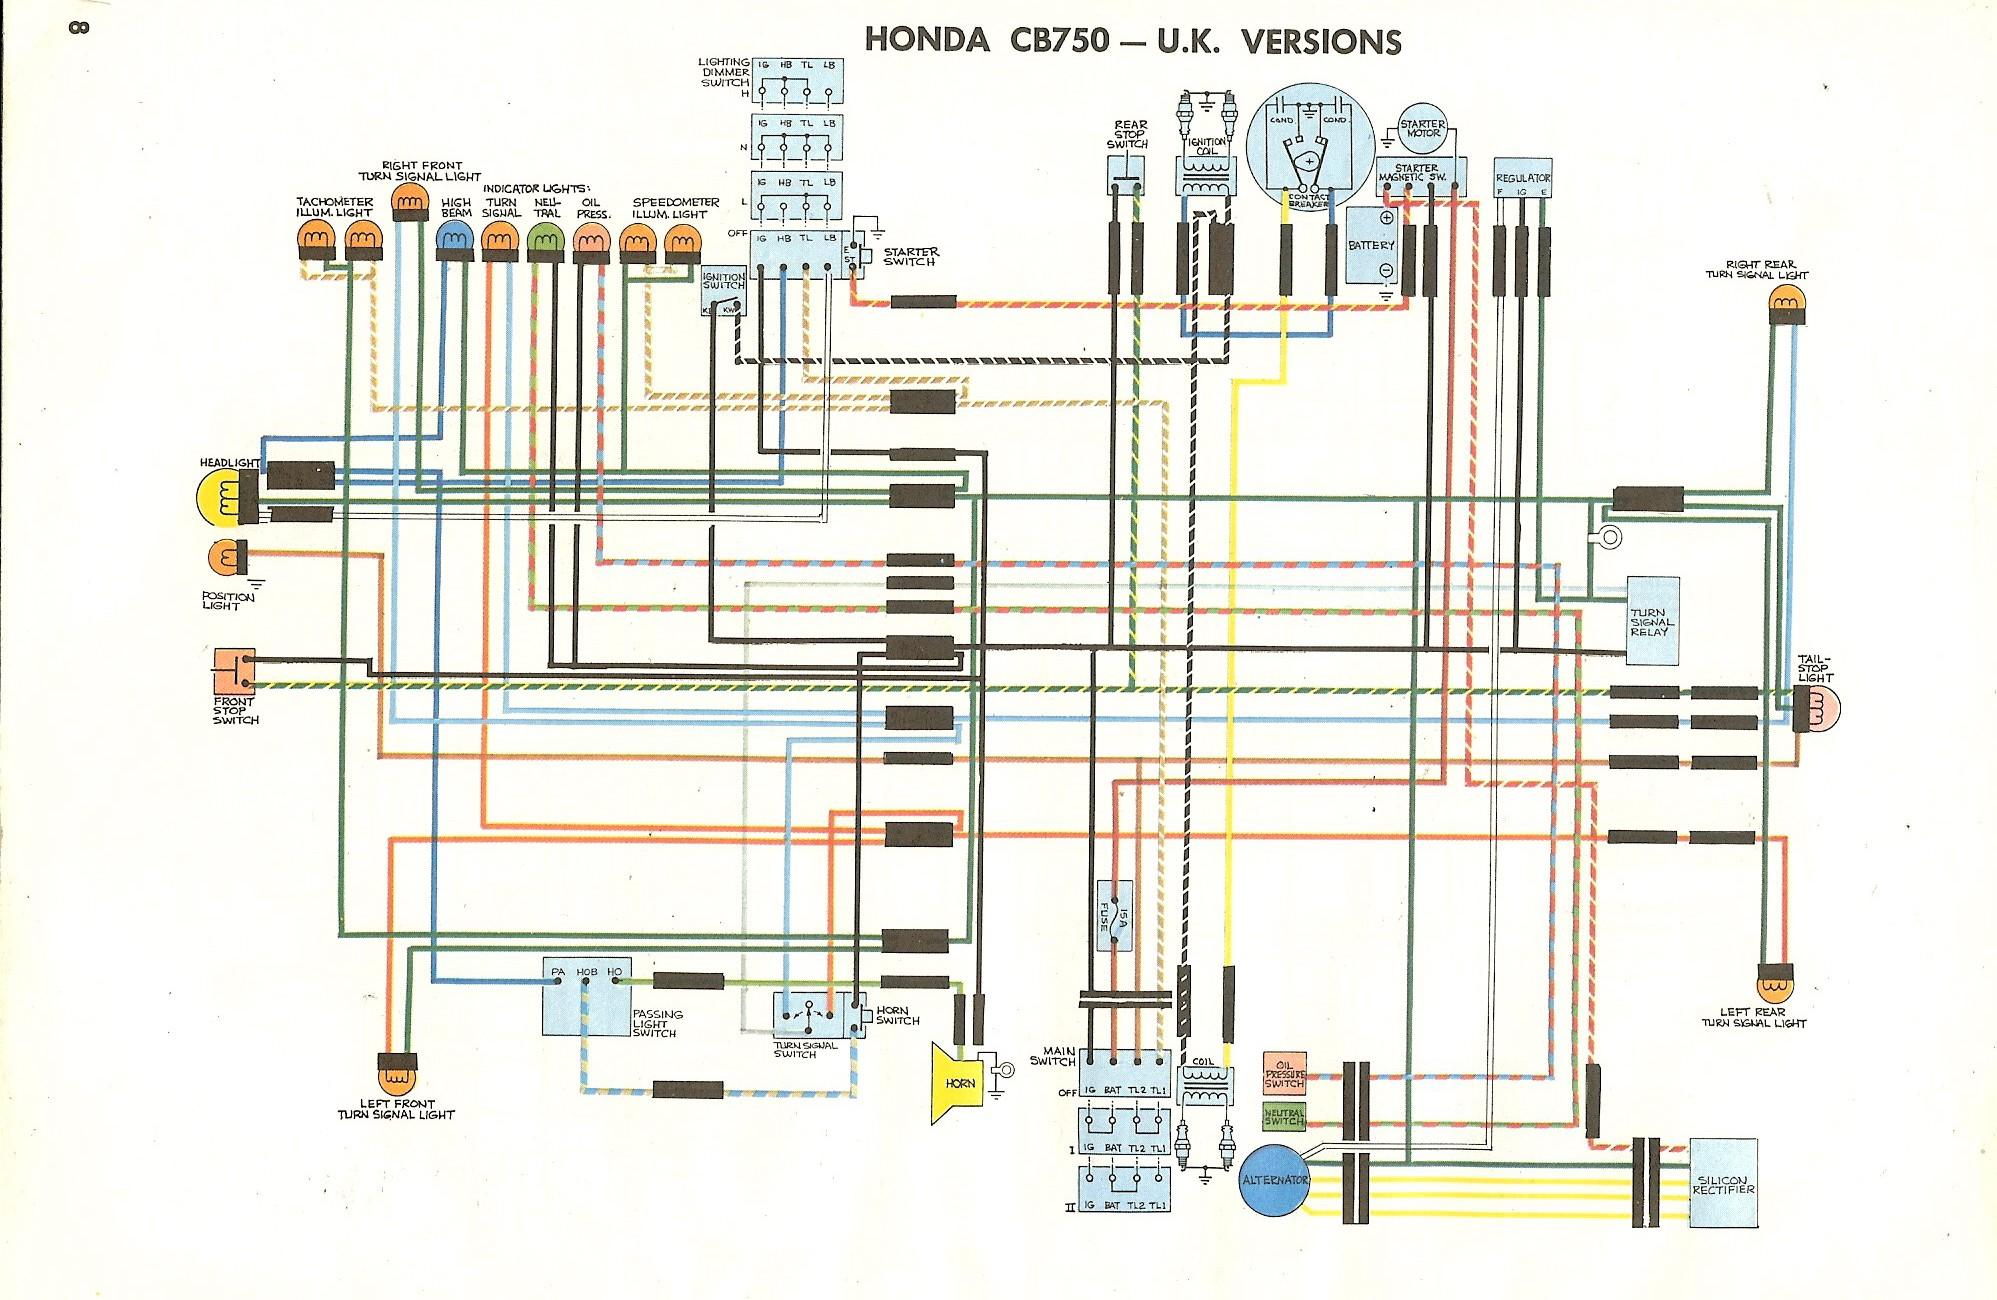 Honda Cb750 Engine Diagram Honda Spreering Diagram Cb750k Spree Wiring  Sample Schematic 1984 Of Honda Cb750